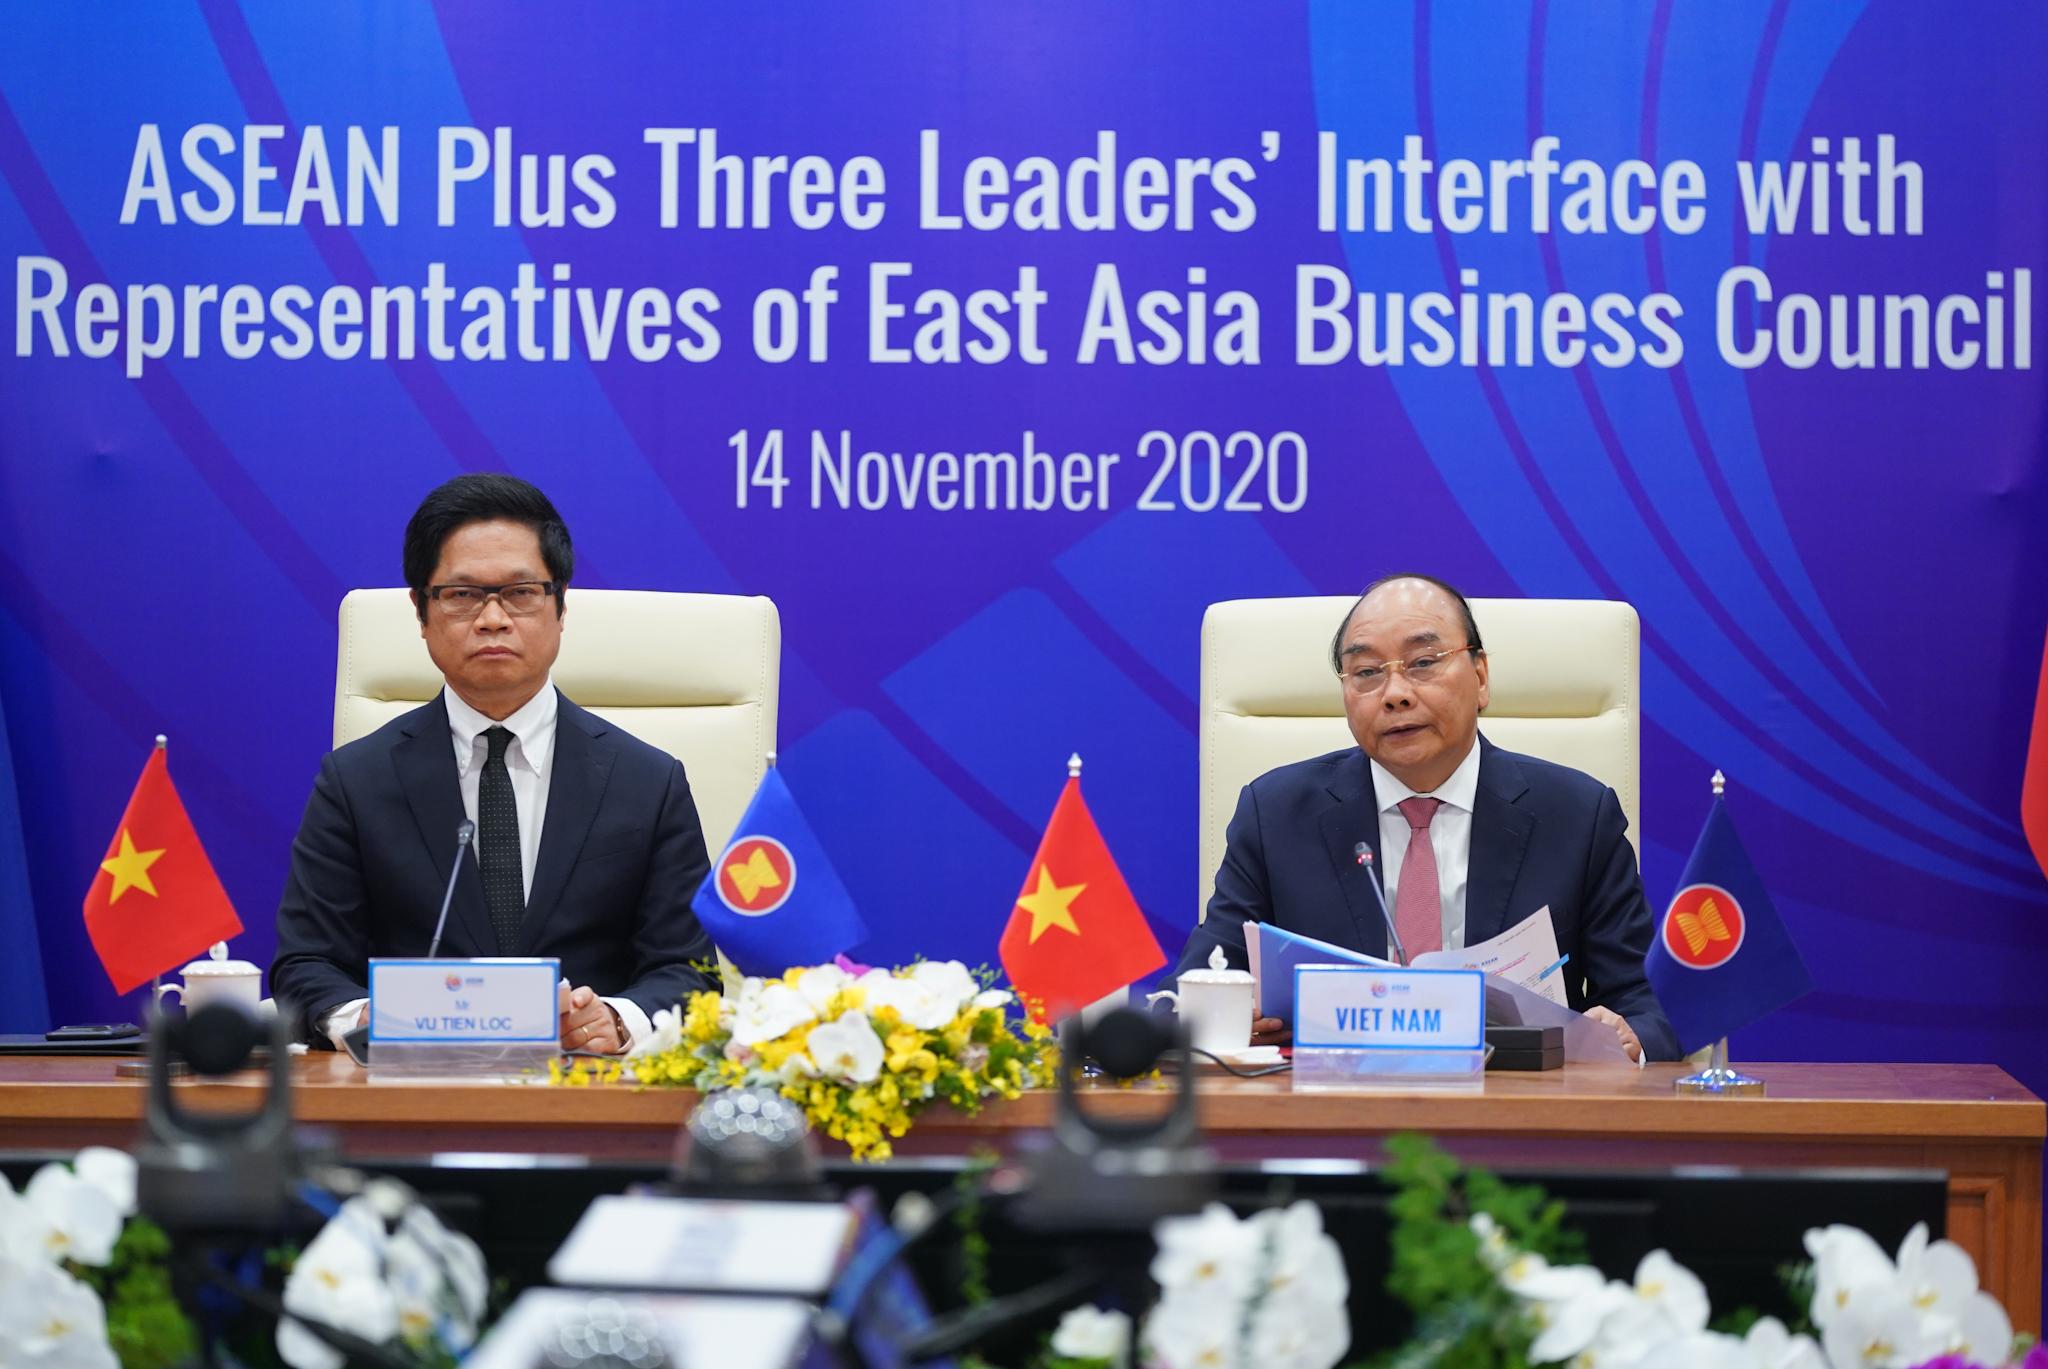 Hội đồng Kinh doanh Đông Á khuyến nghị thúc đẩy kinh doanh 'phi giấy tờ'